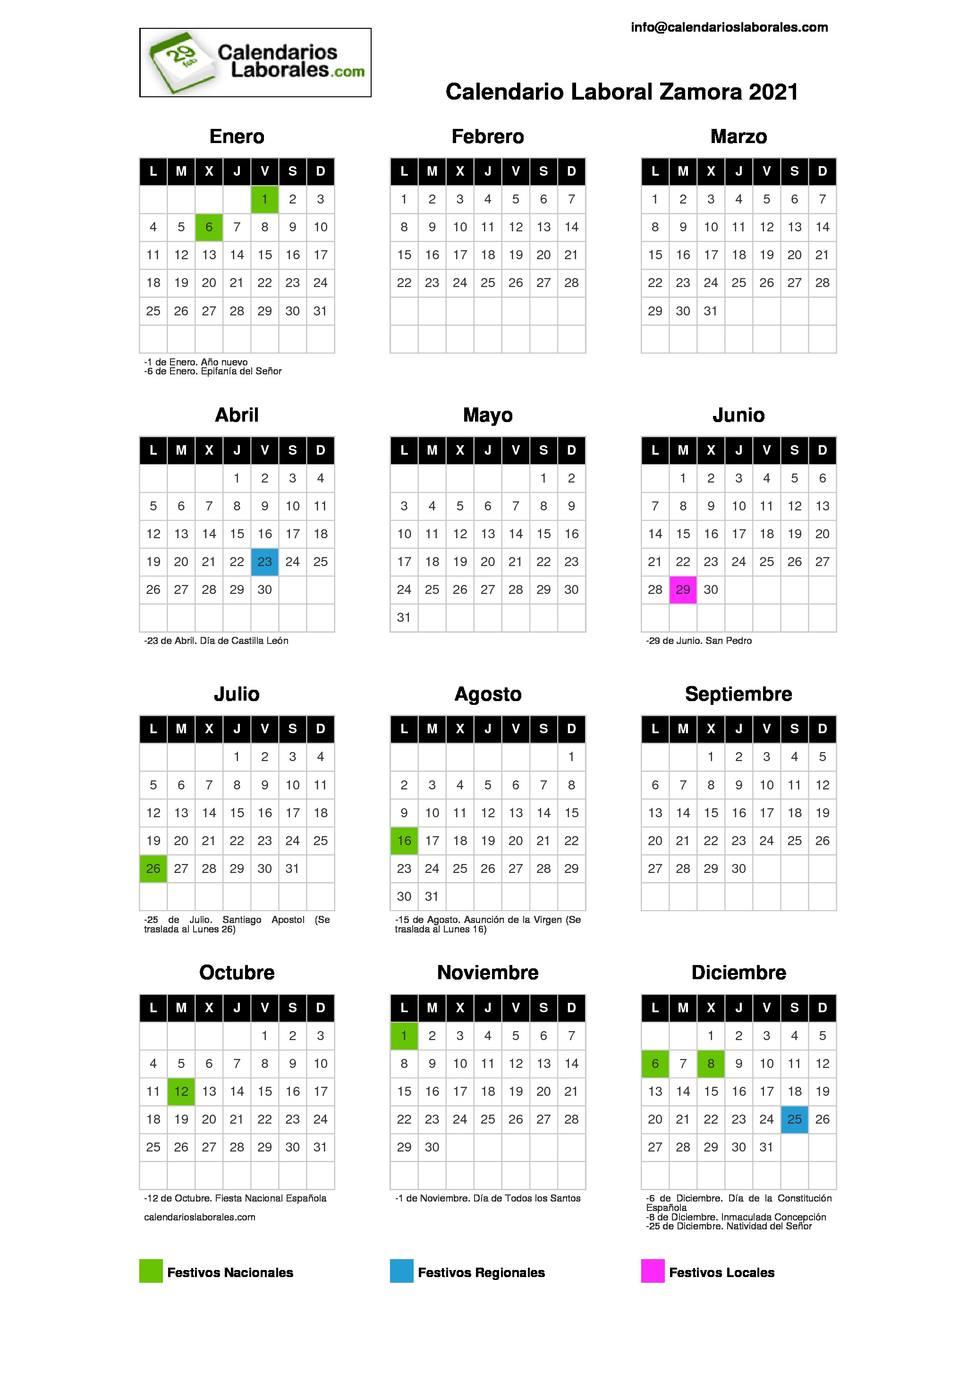 Calendario Laboral 2021 De Zamora:consulta Aquí Los Días